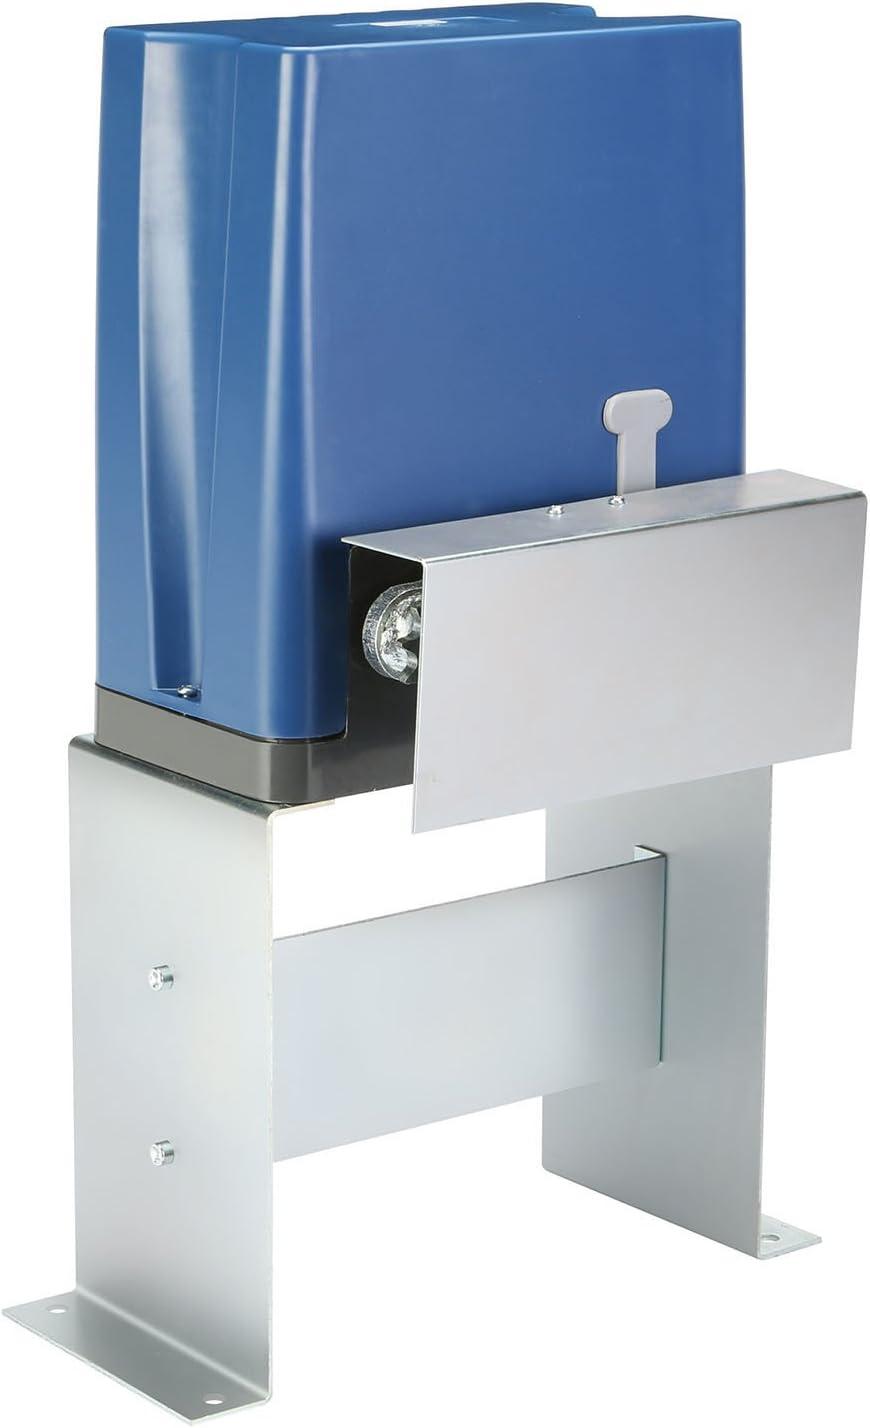 VEVOR - Juego de apertura de puerta corredera eléctrica automática con mecanismos para puertas de hasta 635 kg que permite la apertura con mandos a distancia inalámbricos: Amazon.es: Bricolaje y herramientas